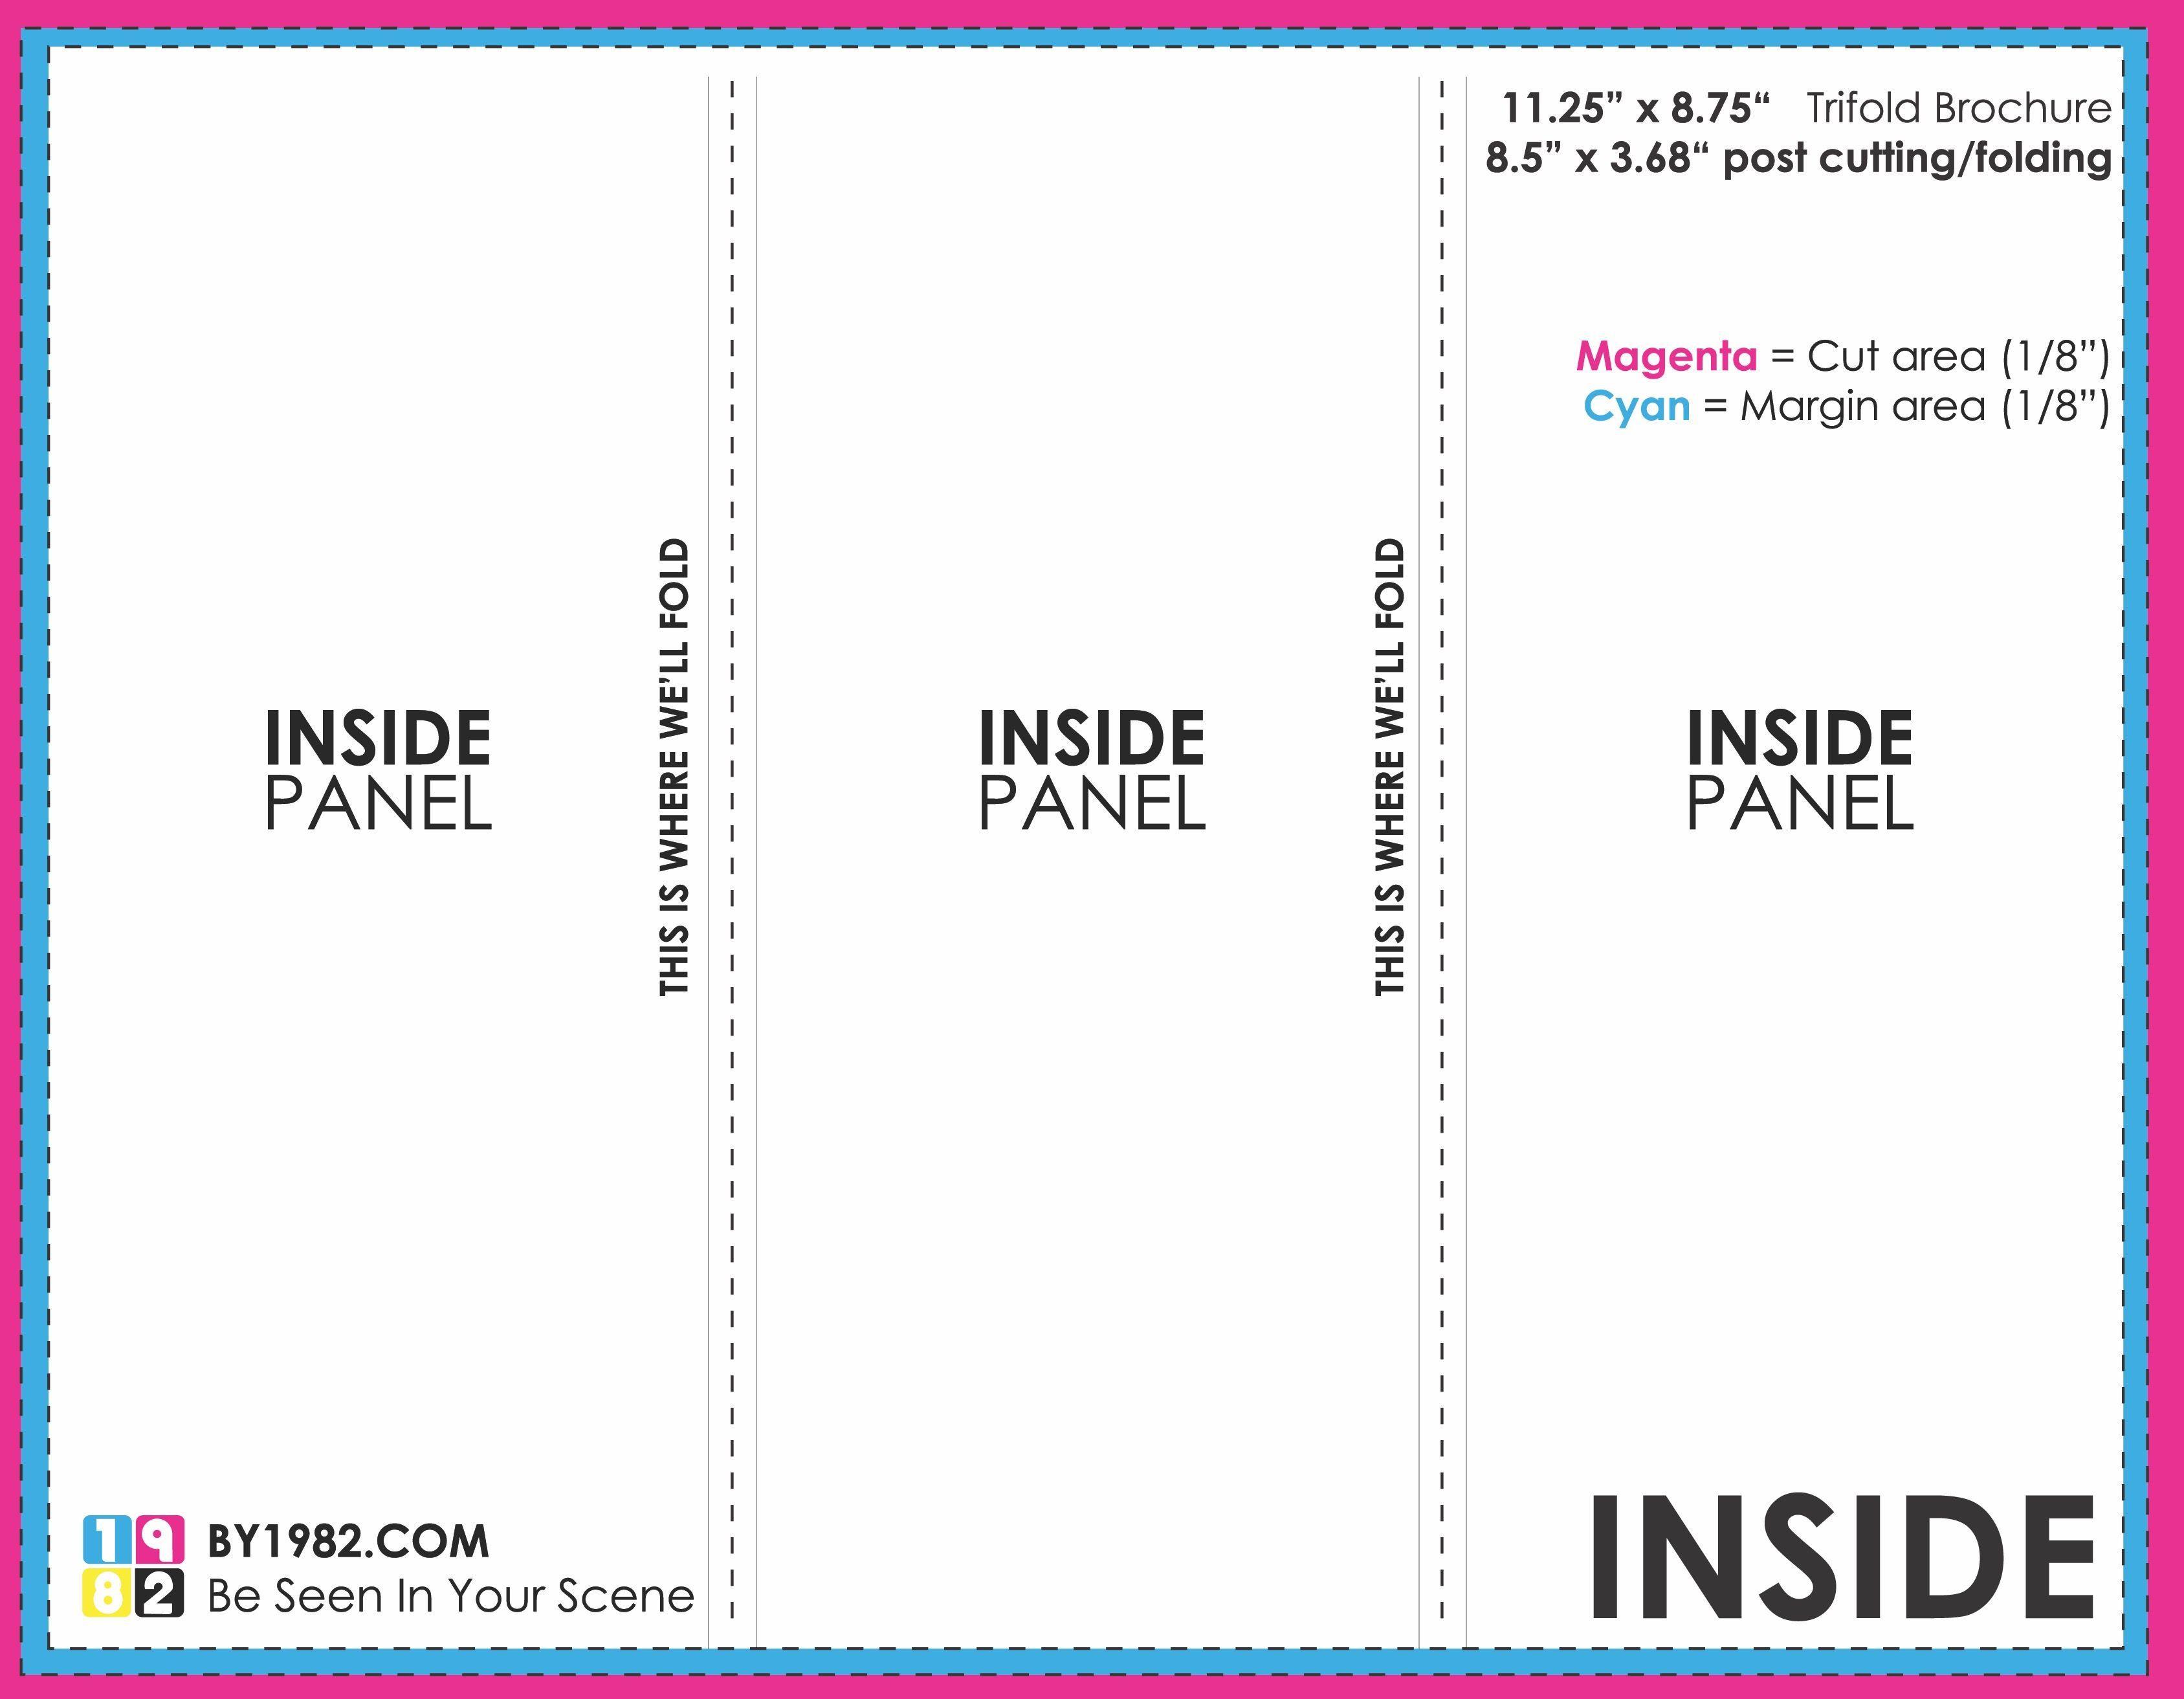 005 Wondrou Brochure Template For Google Doc Sample  Docs Free 3 Panel Tri FoldFull